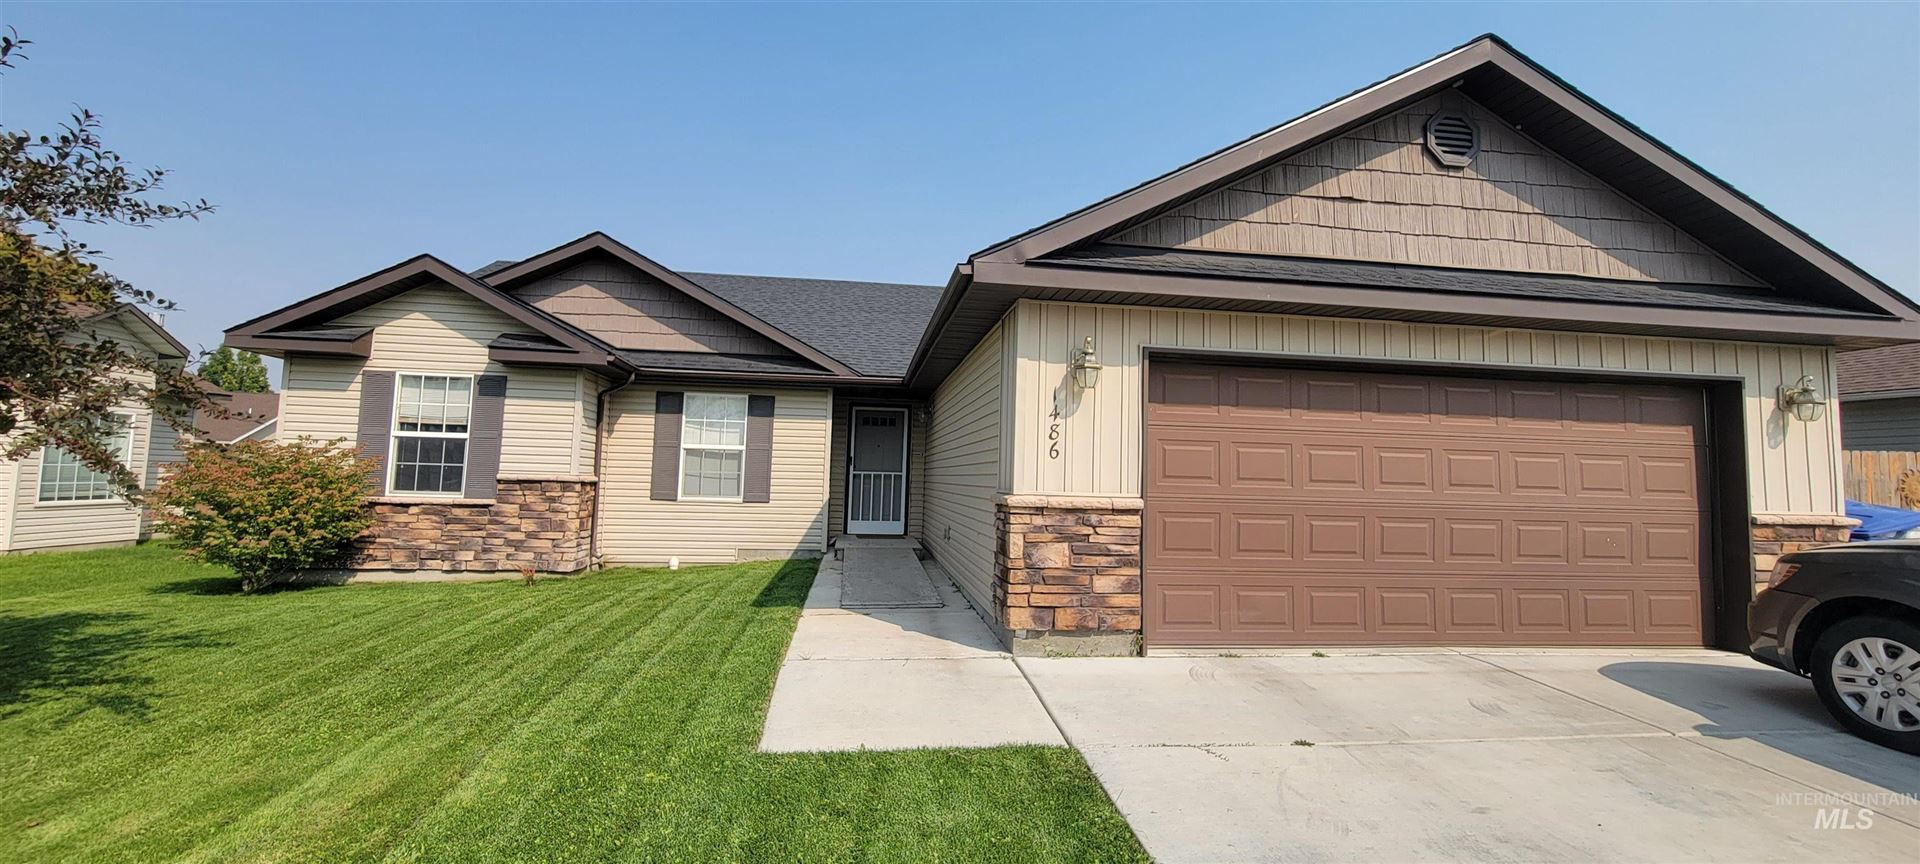 1486 Bradley, Twin Falls, ID 83301 - MLS#: 98816763